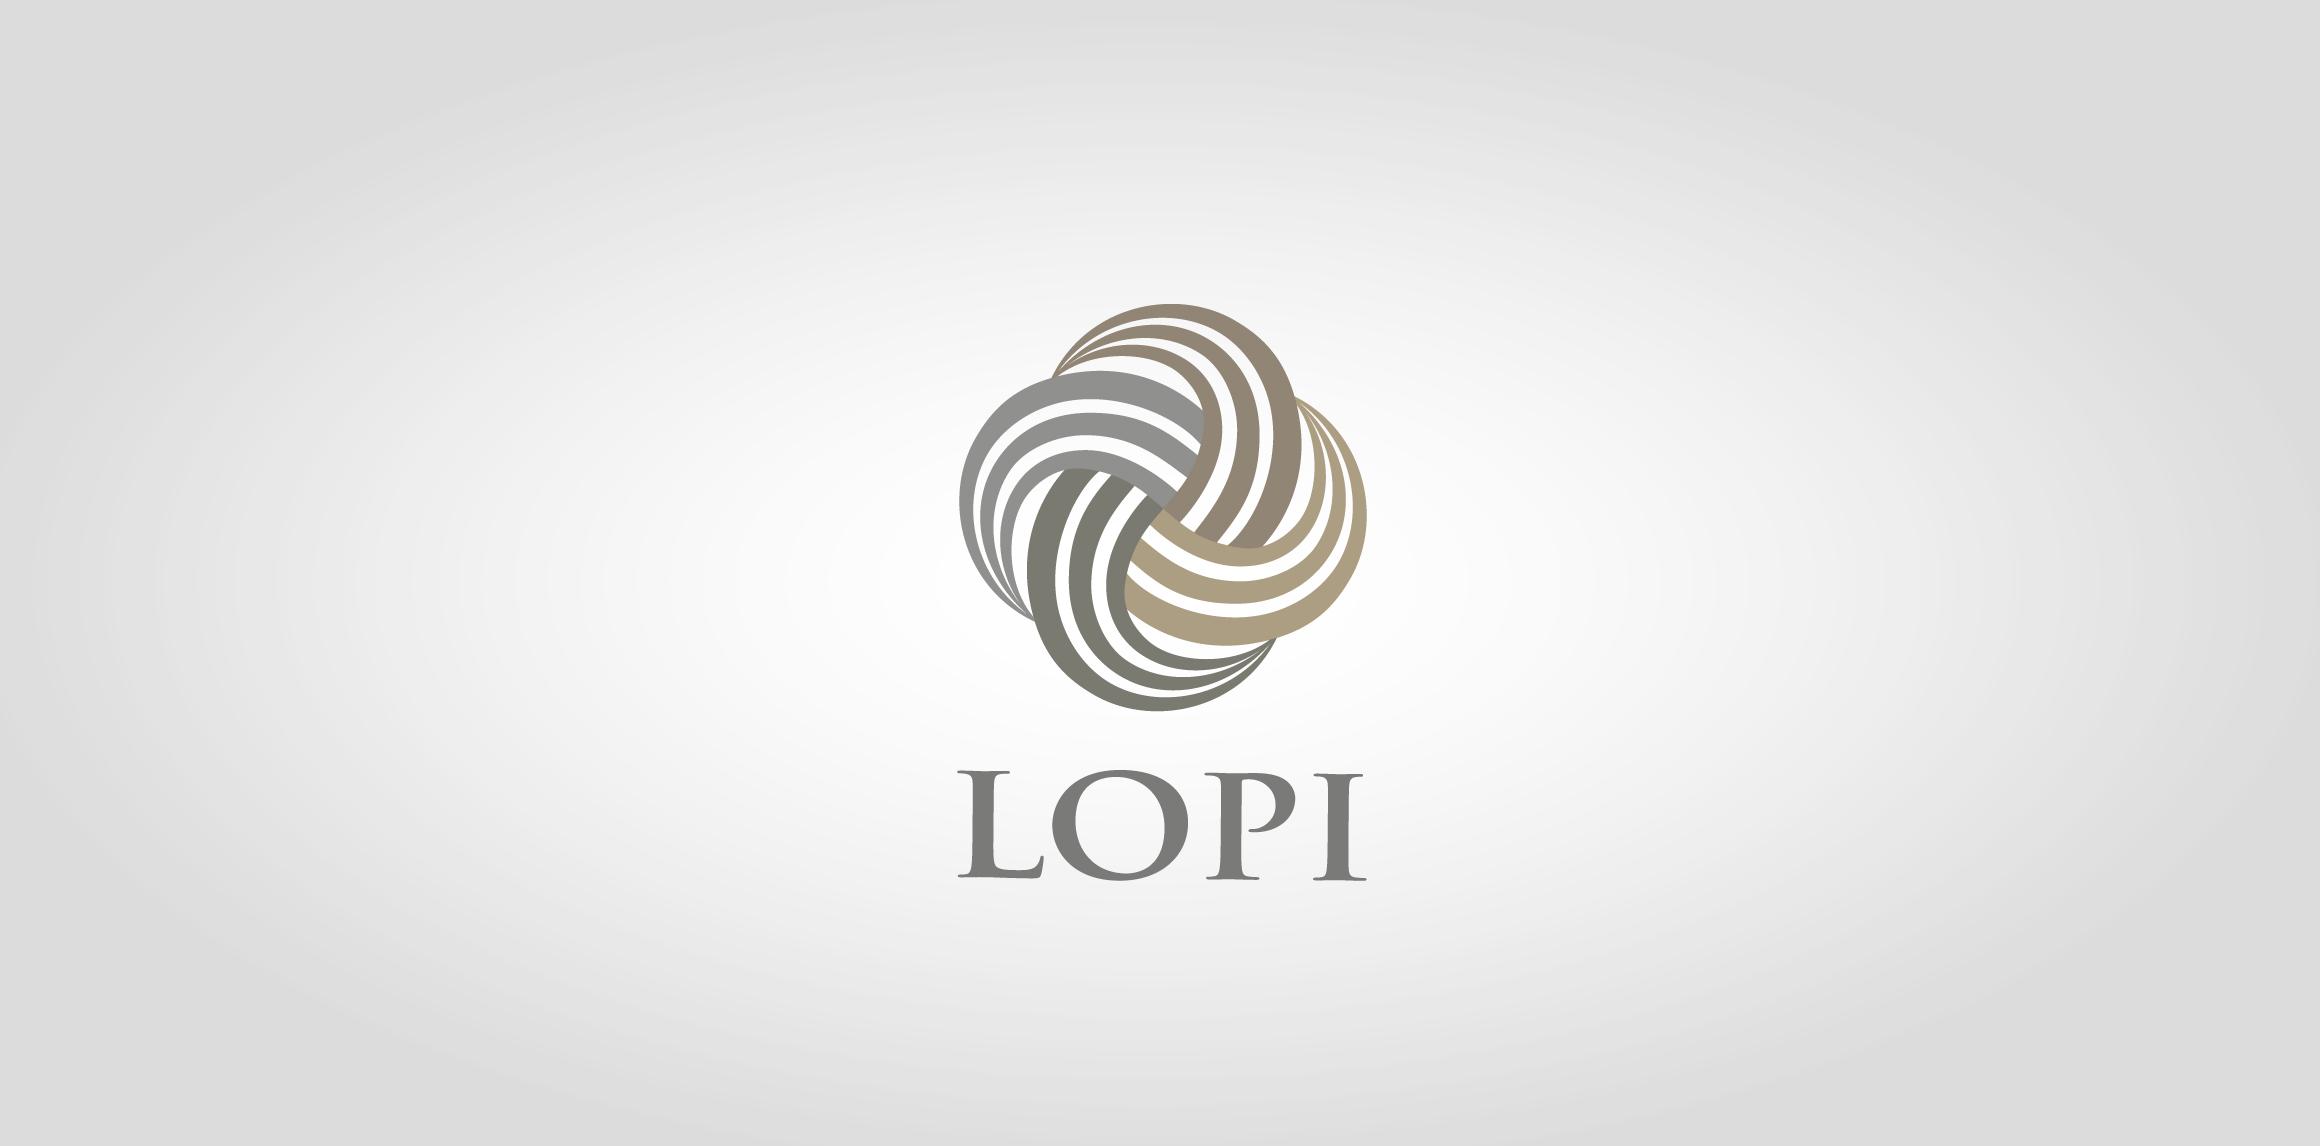 Mörkun / Lopi